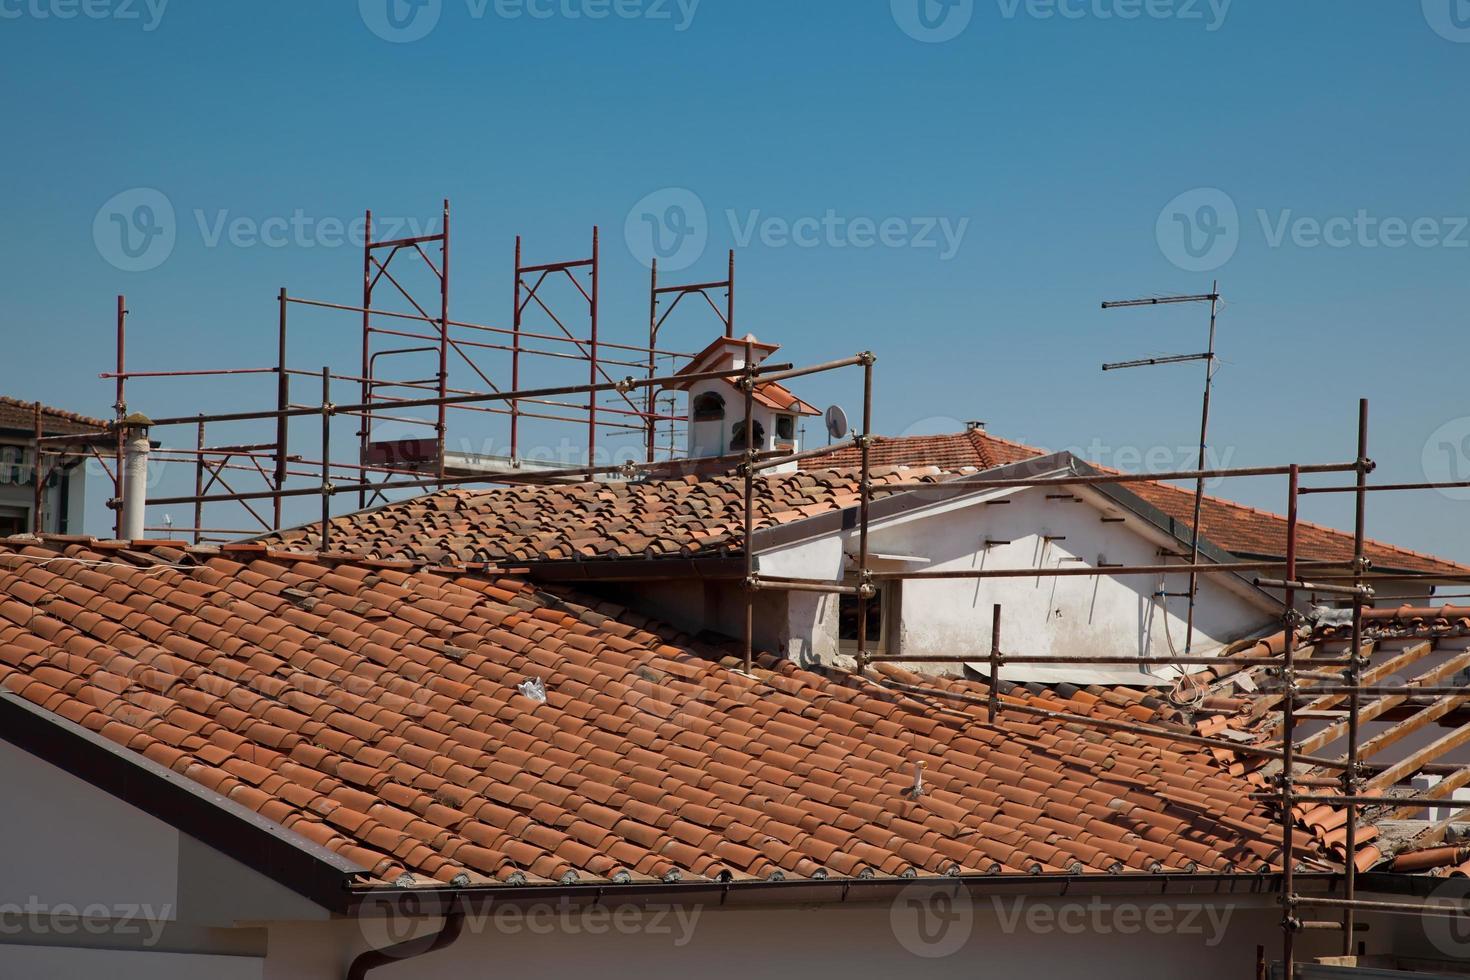 andamio y el techo roto de una casa foto